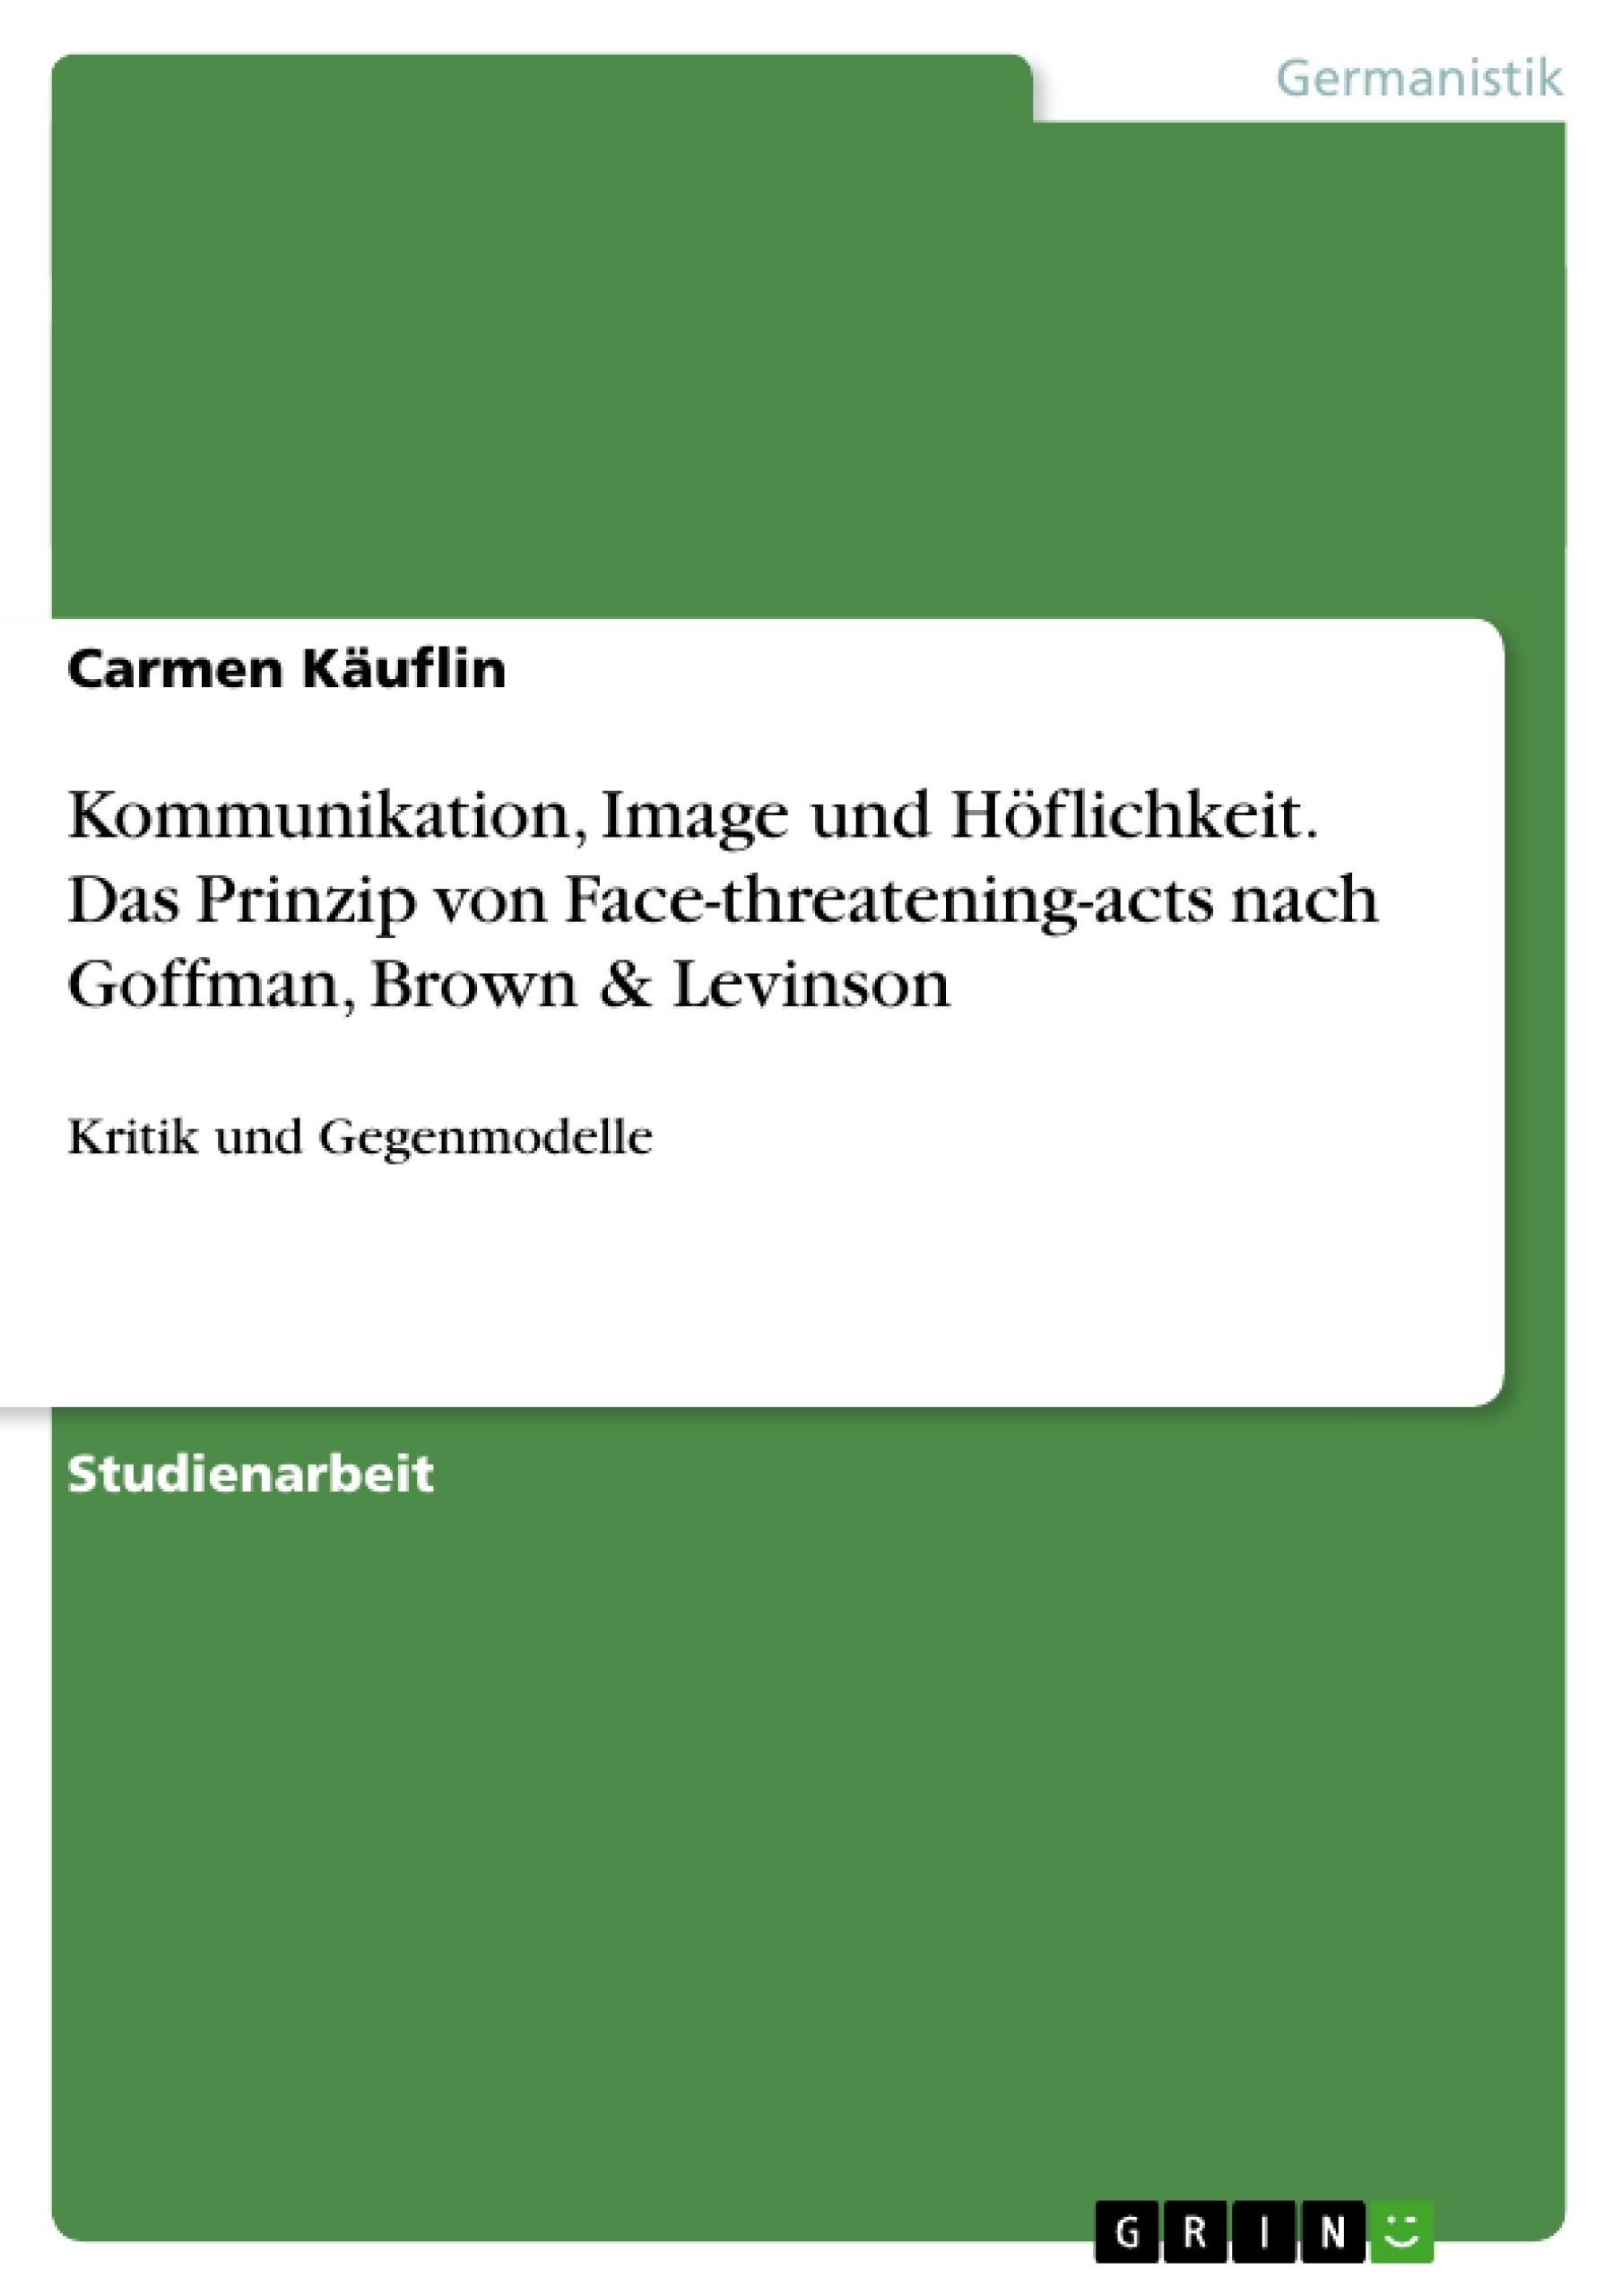 Titel: Kommunikation, Image und Höflichkeit. Das Prinzip von Face-threatening-acts nach Goffman, Brown & Levinson